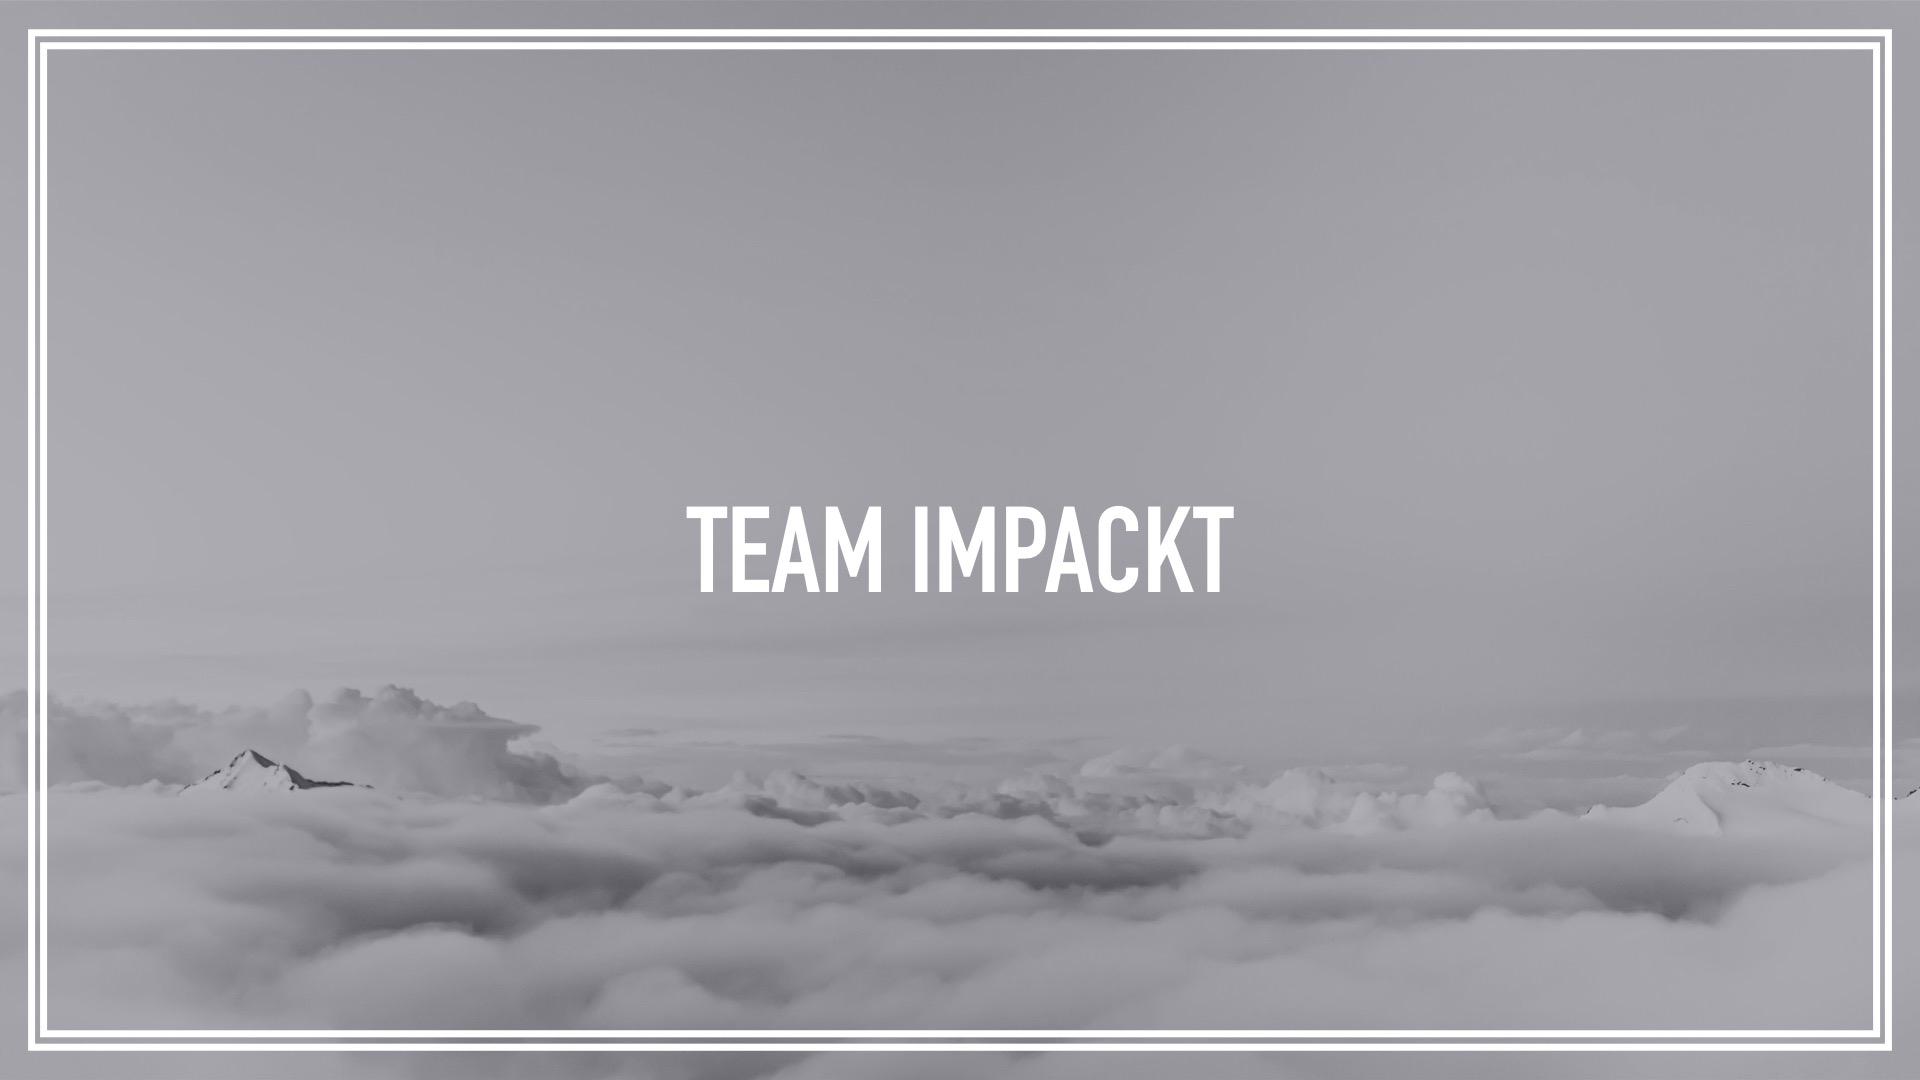 IMPACKT_Final Presentation.002.jpeg